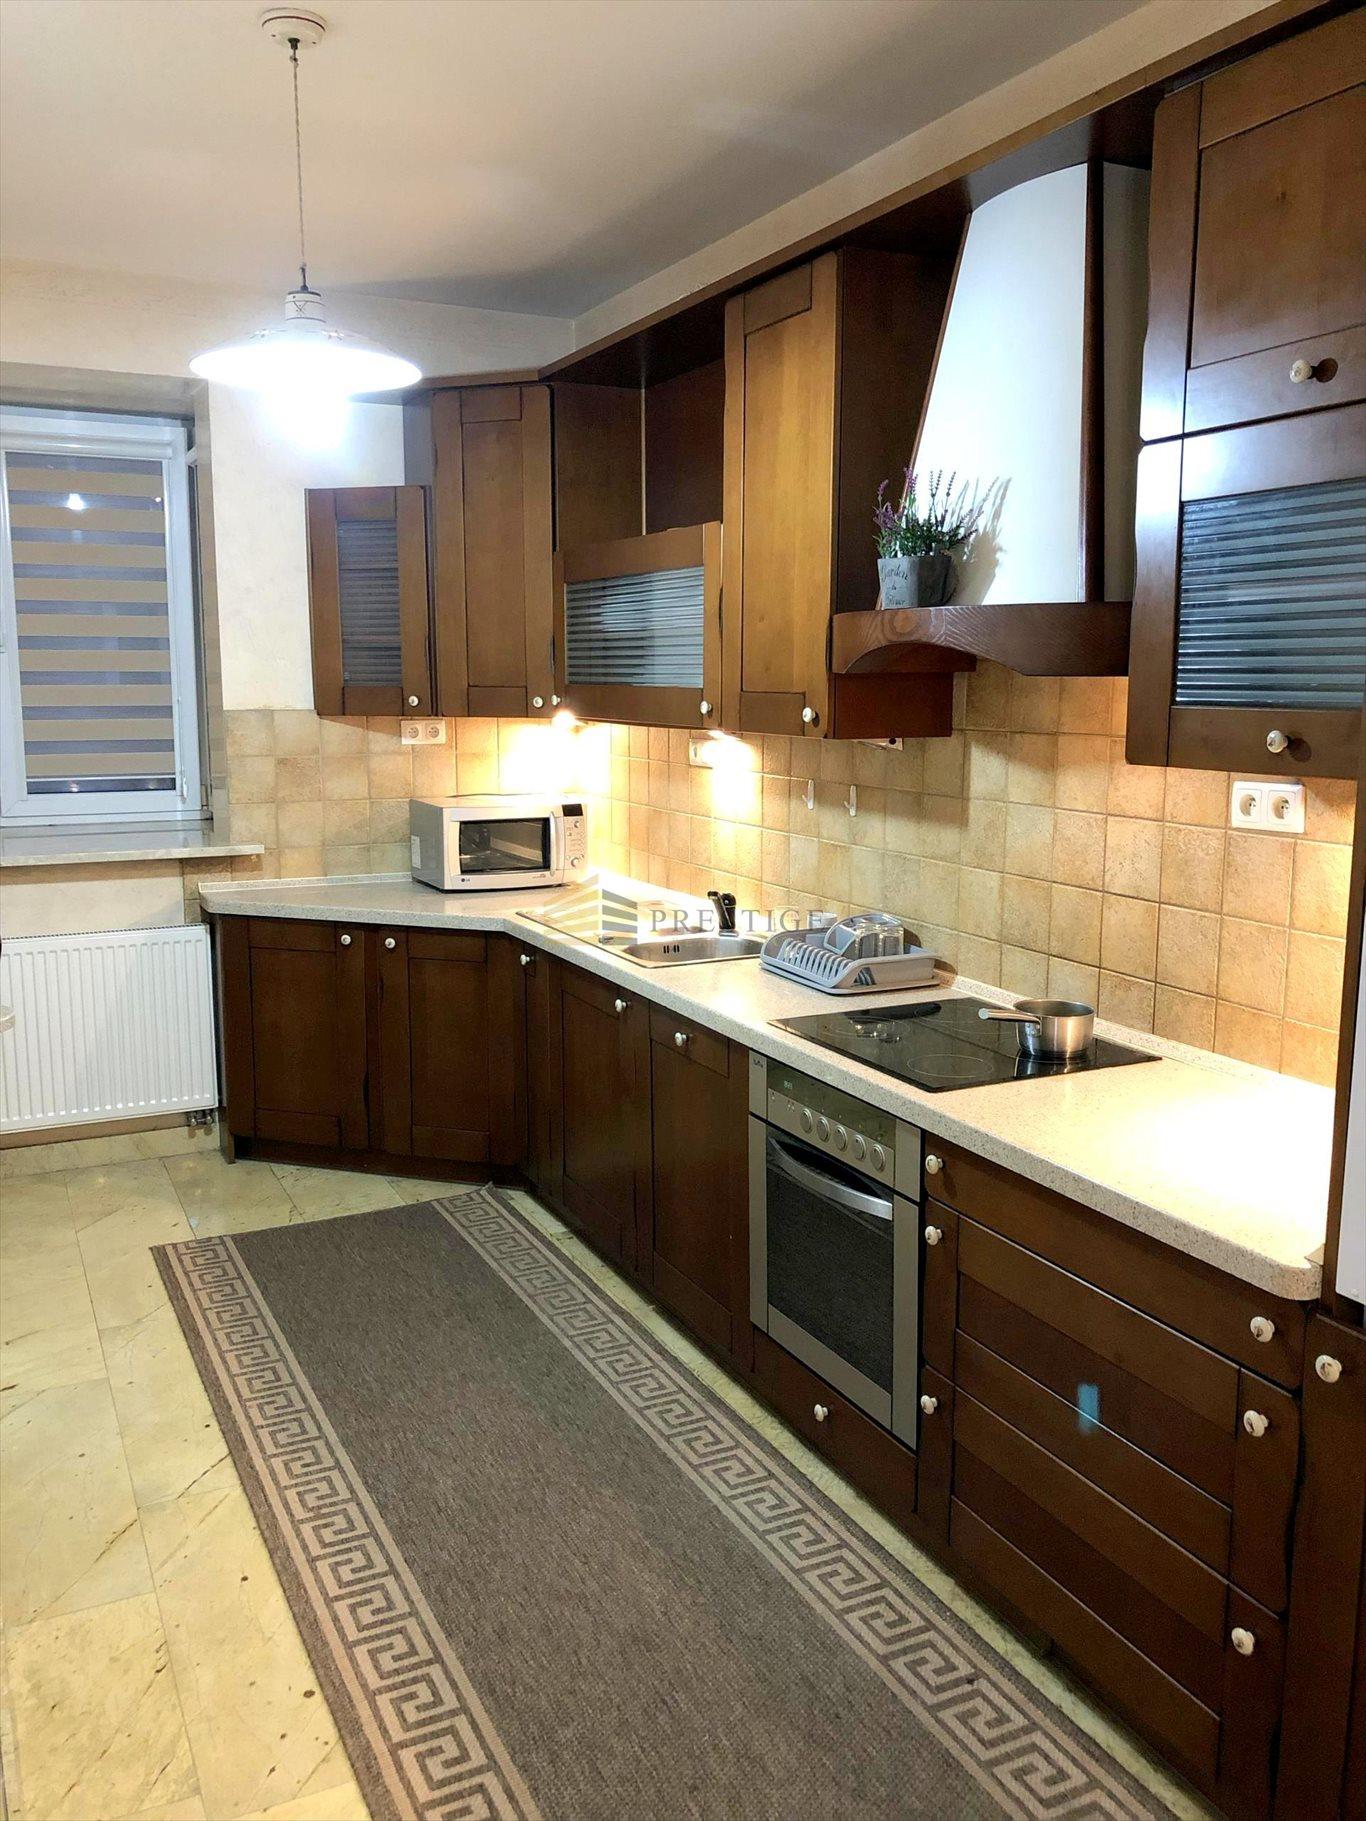 Dom na wynajem Warszawa, Ursynów  350m2 Foto 4